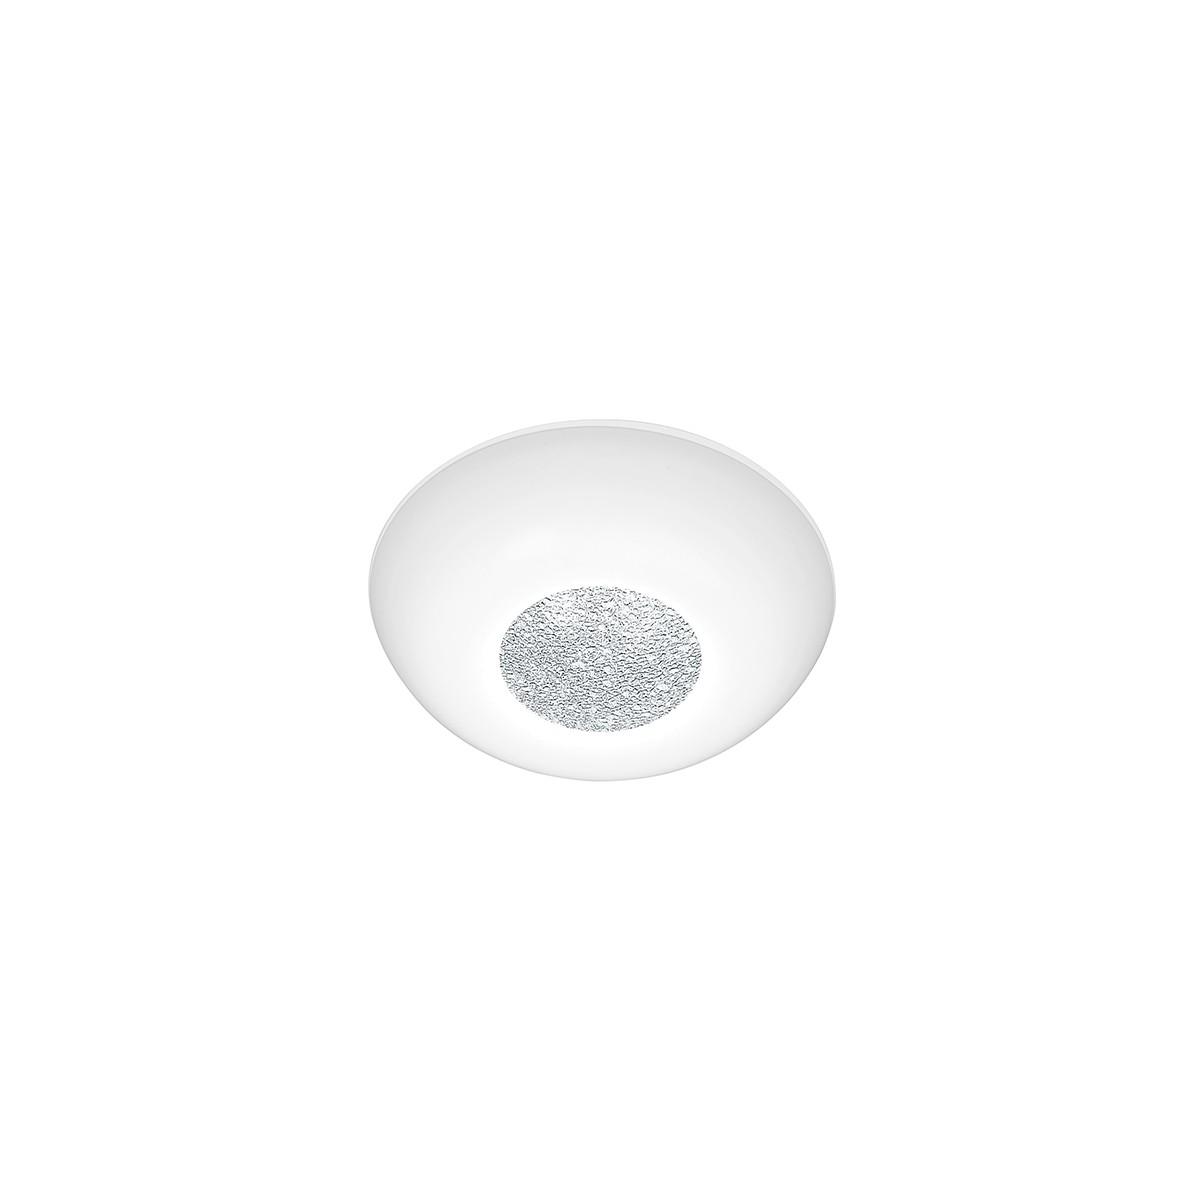 Bankamp Mars Deckenleuchte, Ø: 32 cm, Glas opalweiß